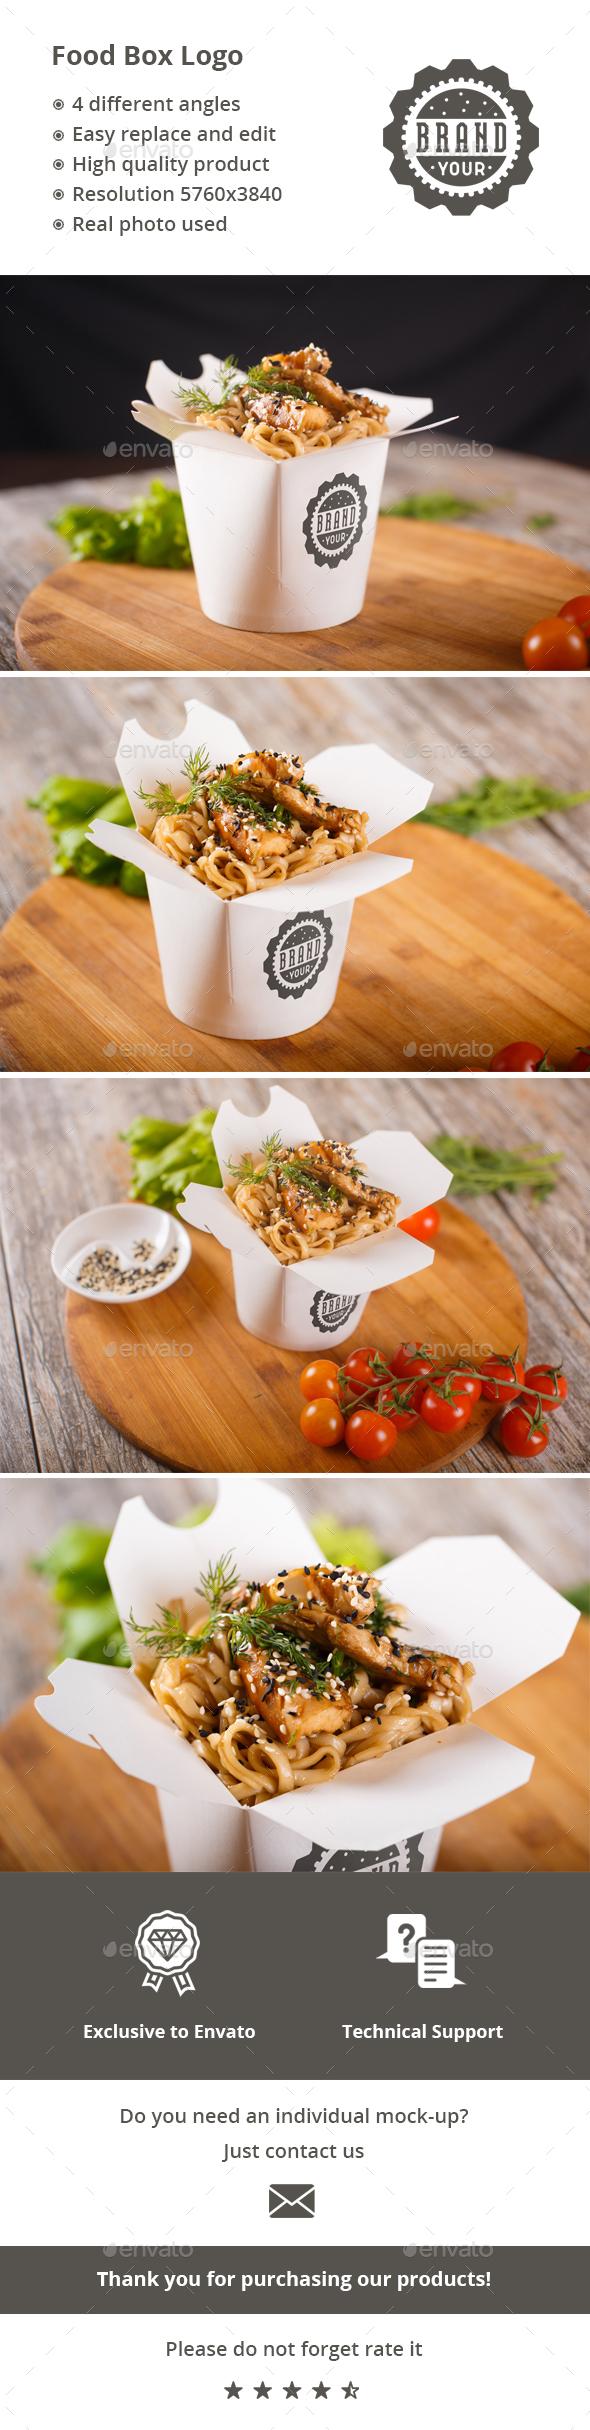 Food Box Logo Mock-up - Logo Product Mock-Ups